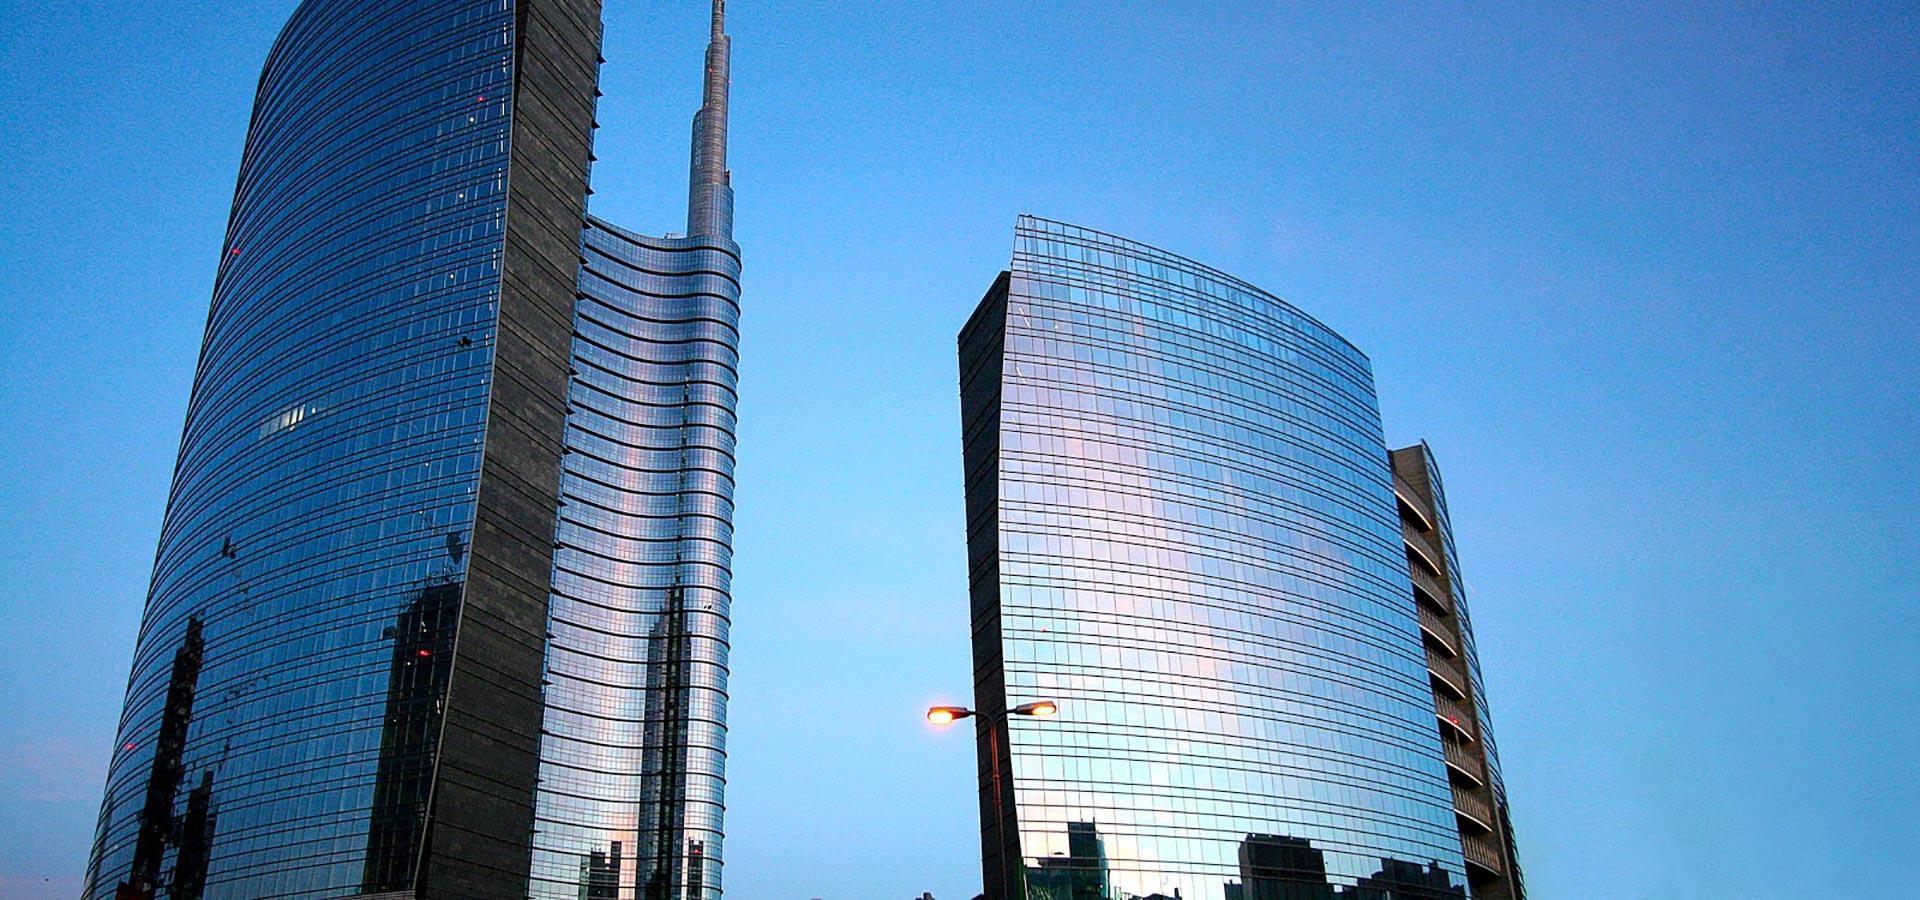 Visita i grattacieli di porta nuova a milano guide - Via porta nuova milano ...